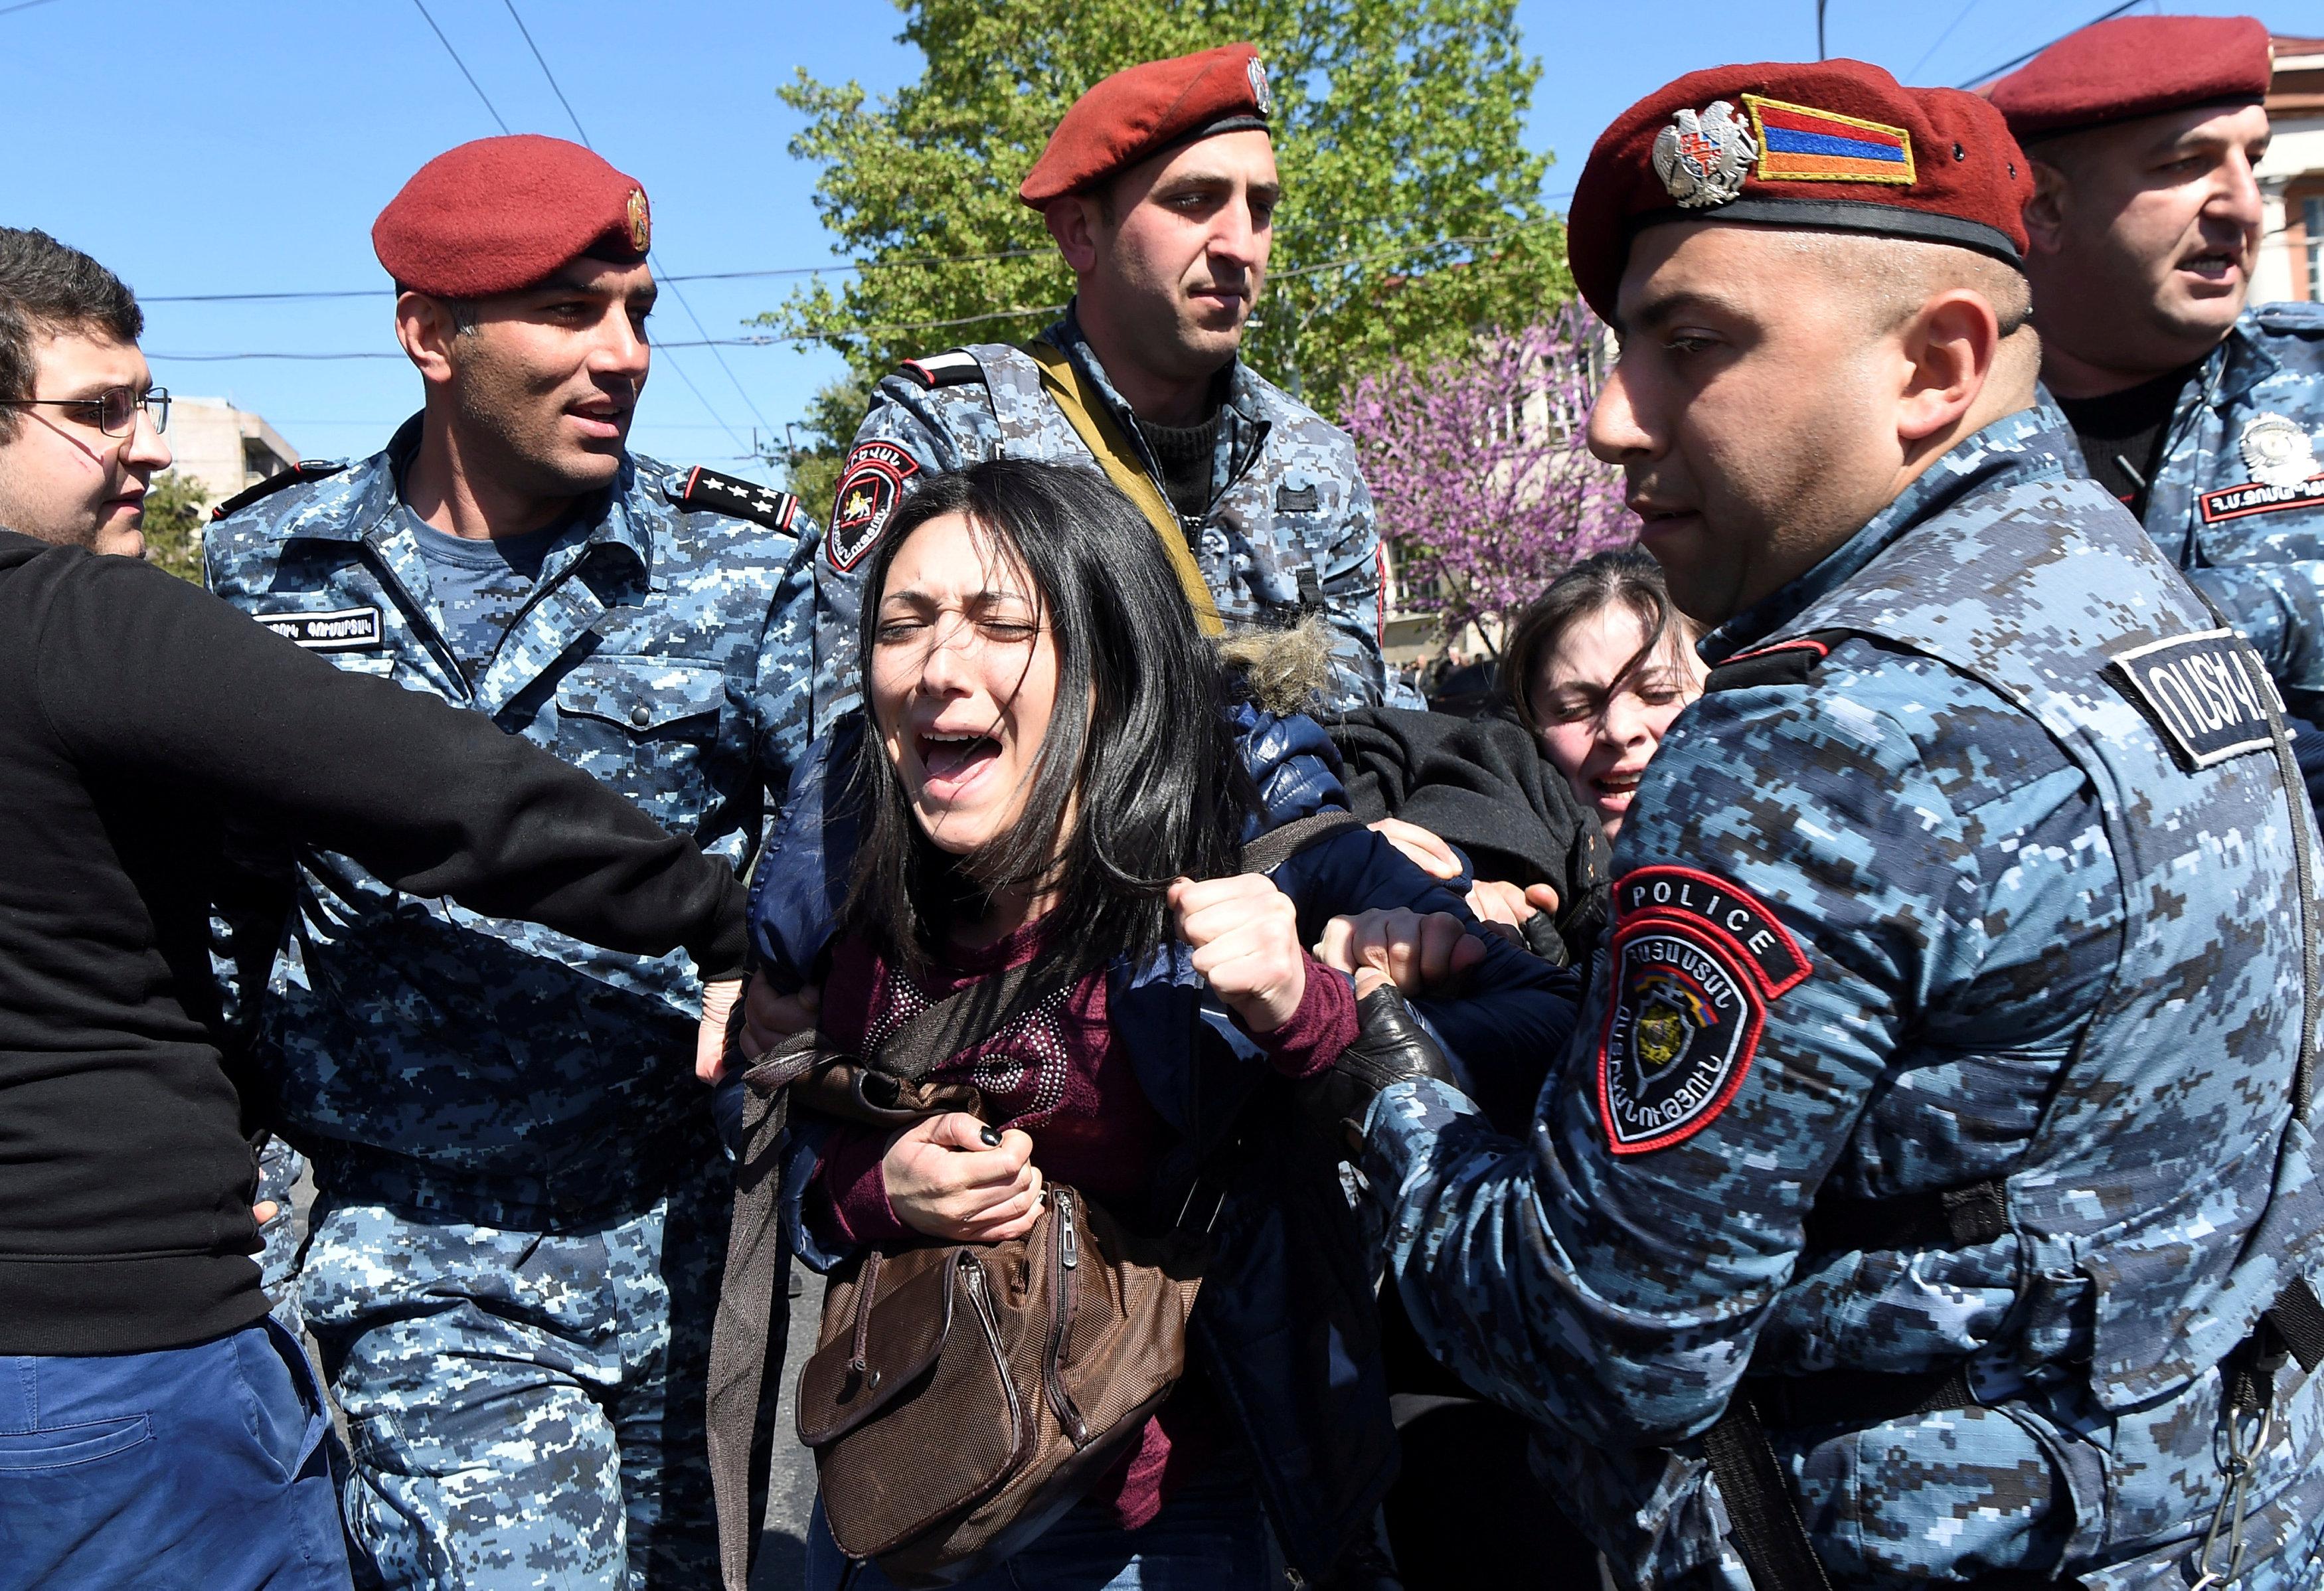 Митинги в Армении вдохновили людей, подарив веру в возрождение народа, считает Наринэ Абгарян.